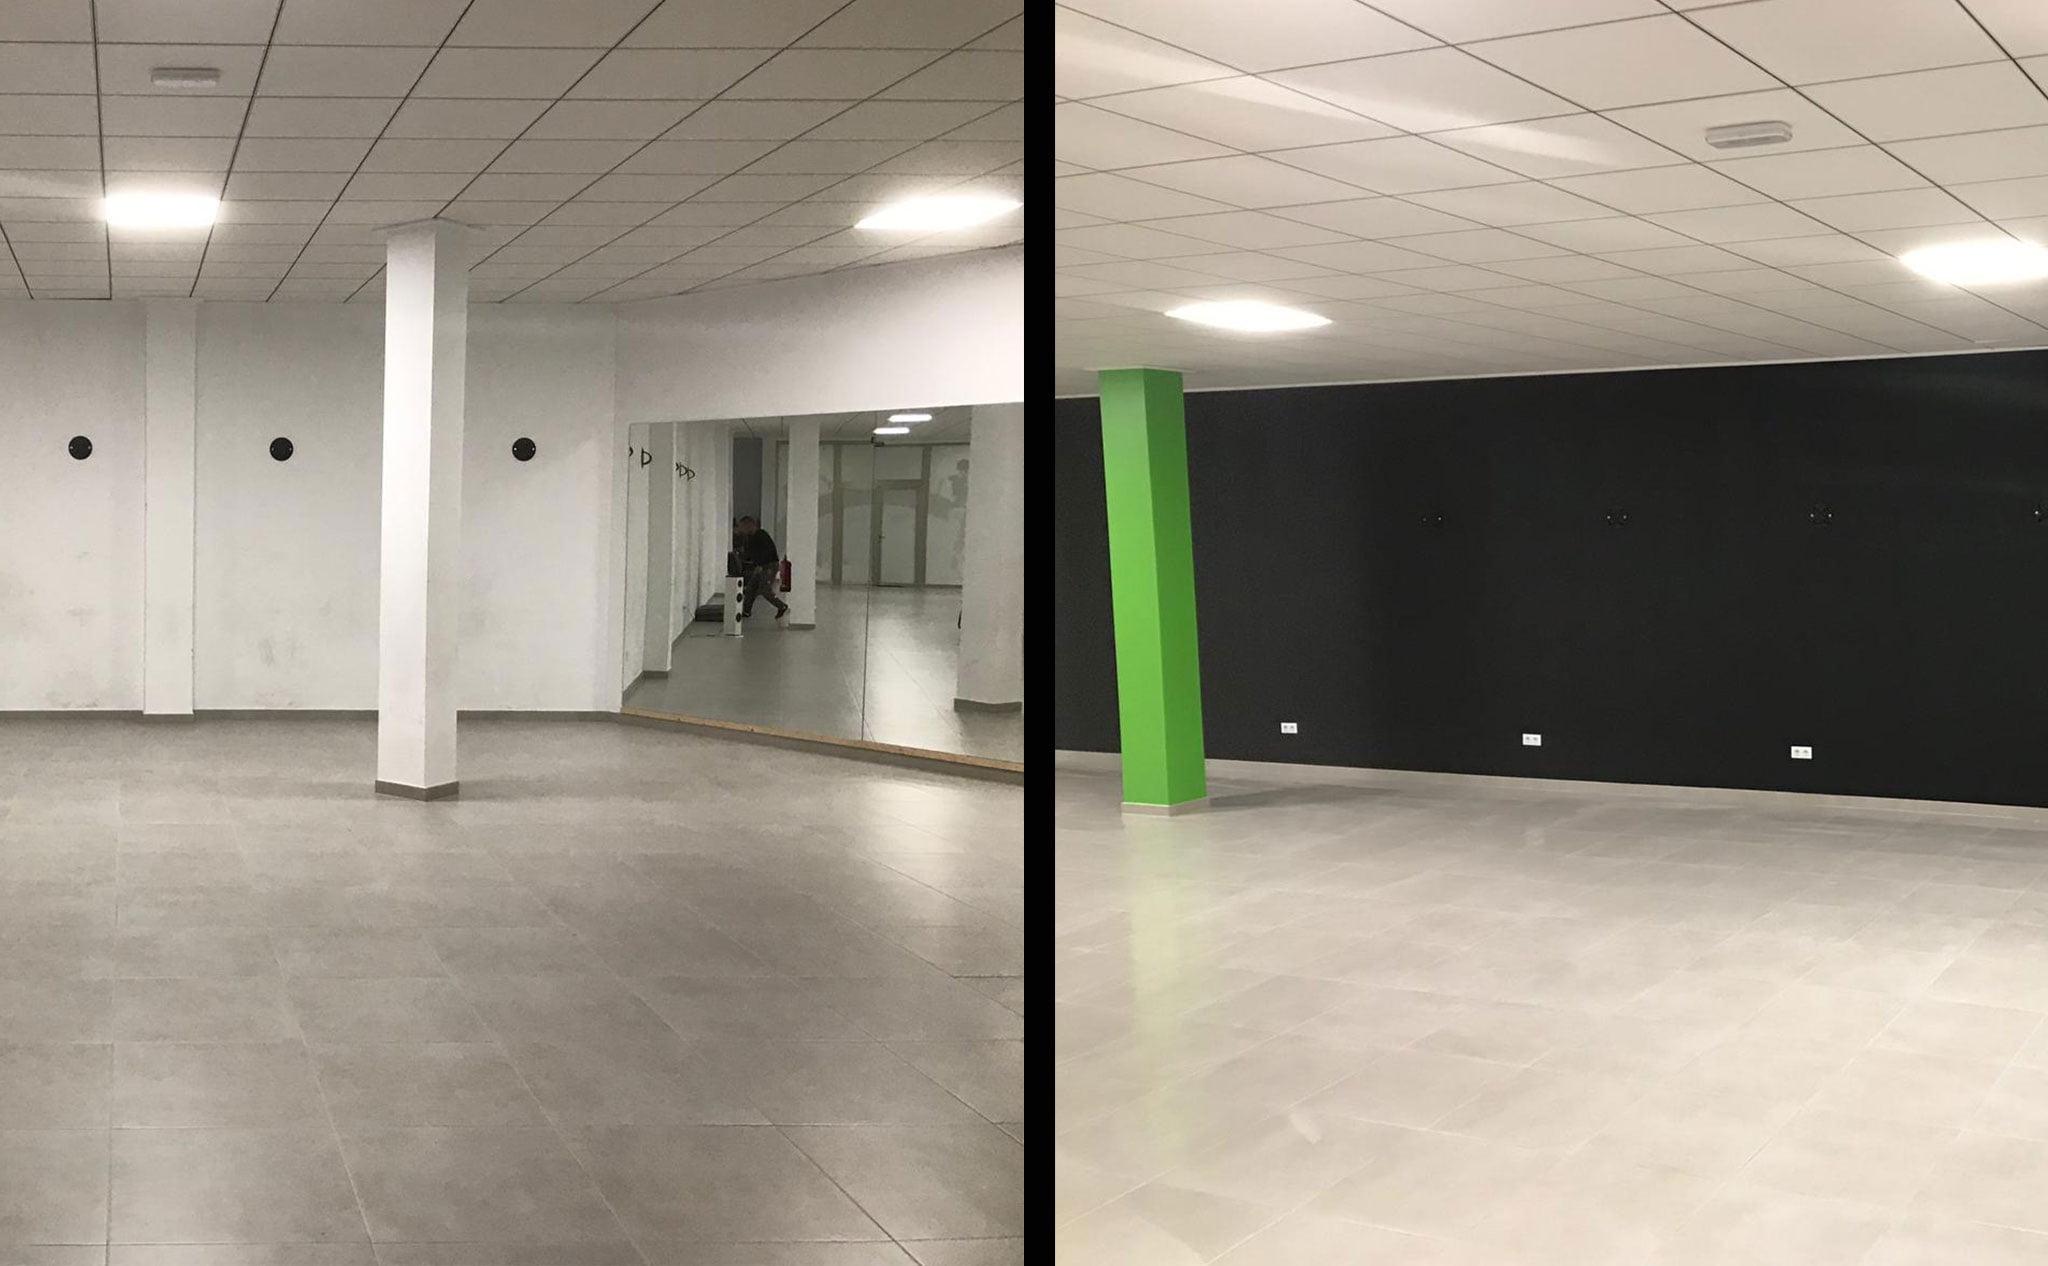 Desarrollo y puesta en marcha de las instalaciones de un gimnasio – Pinturas Juanvi Ortolà